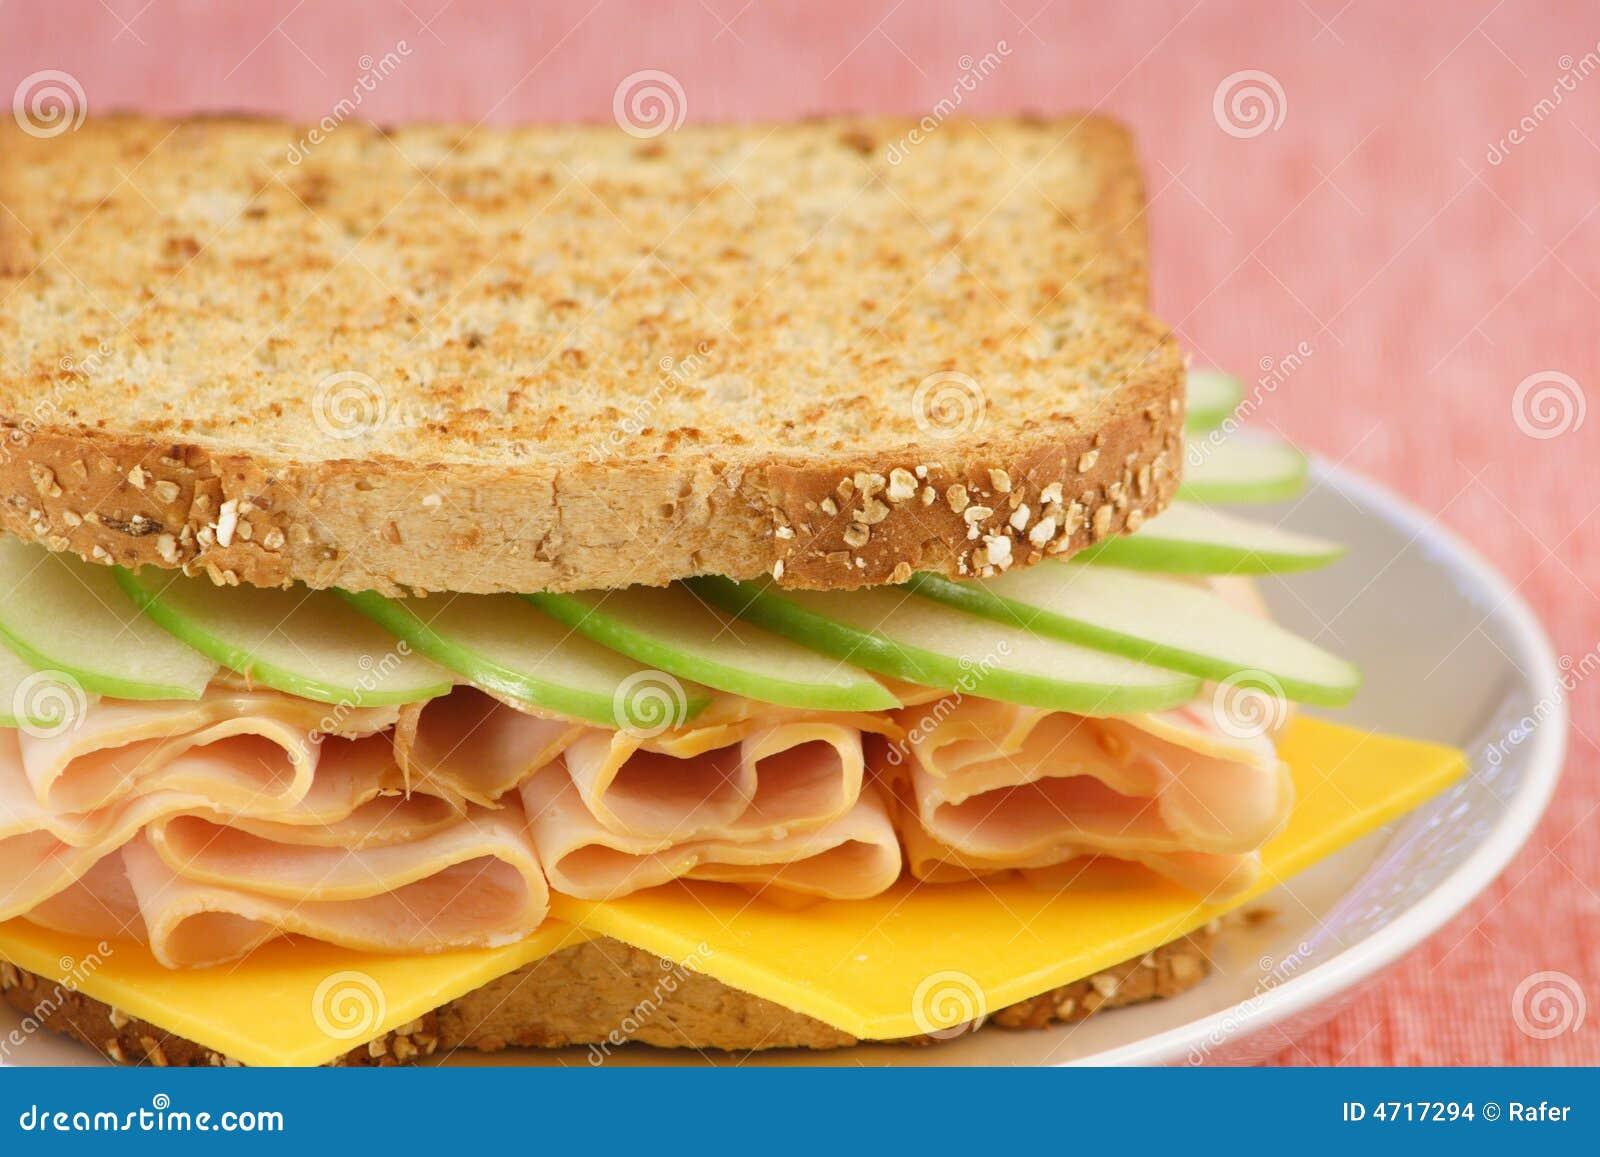 Comida nutritiva sana foto de archivo imagen de dieta - Fotos de comodas ...